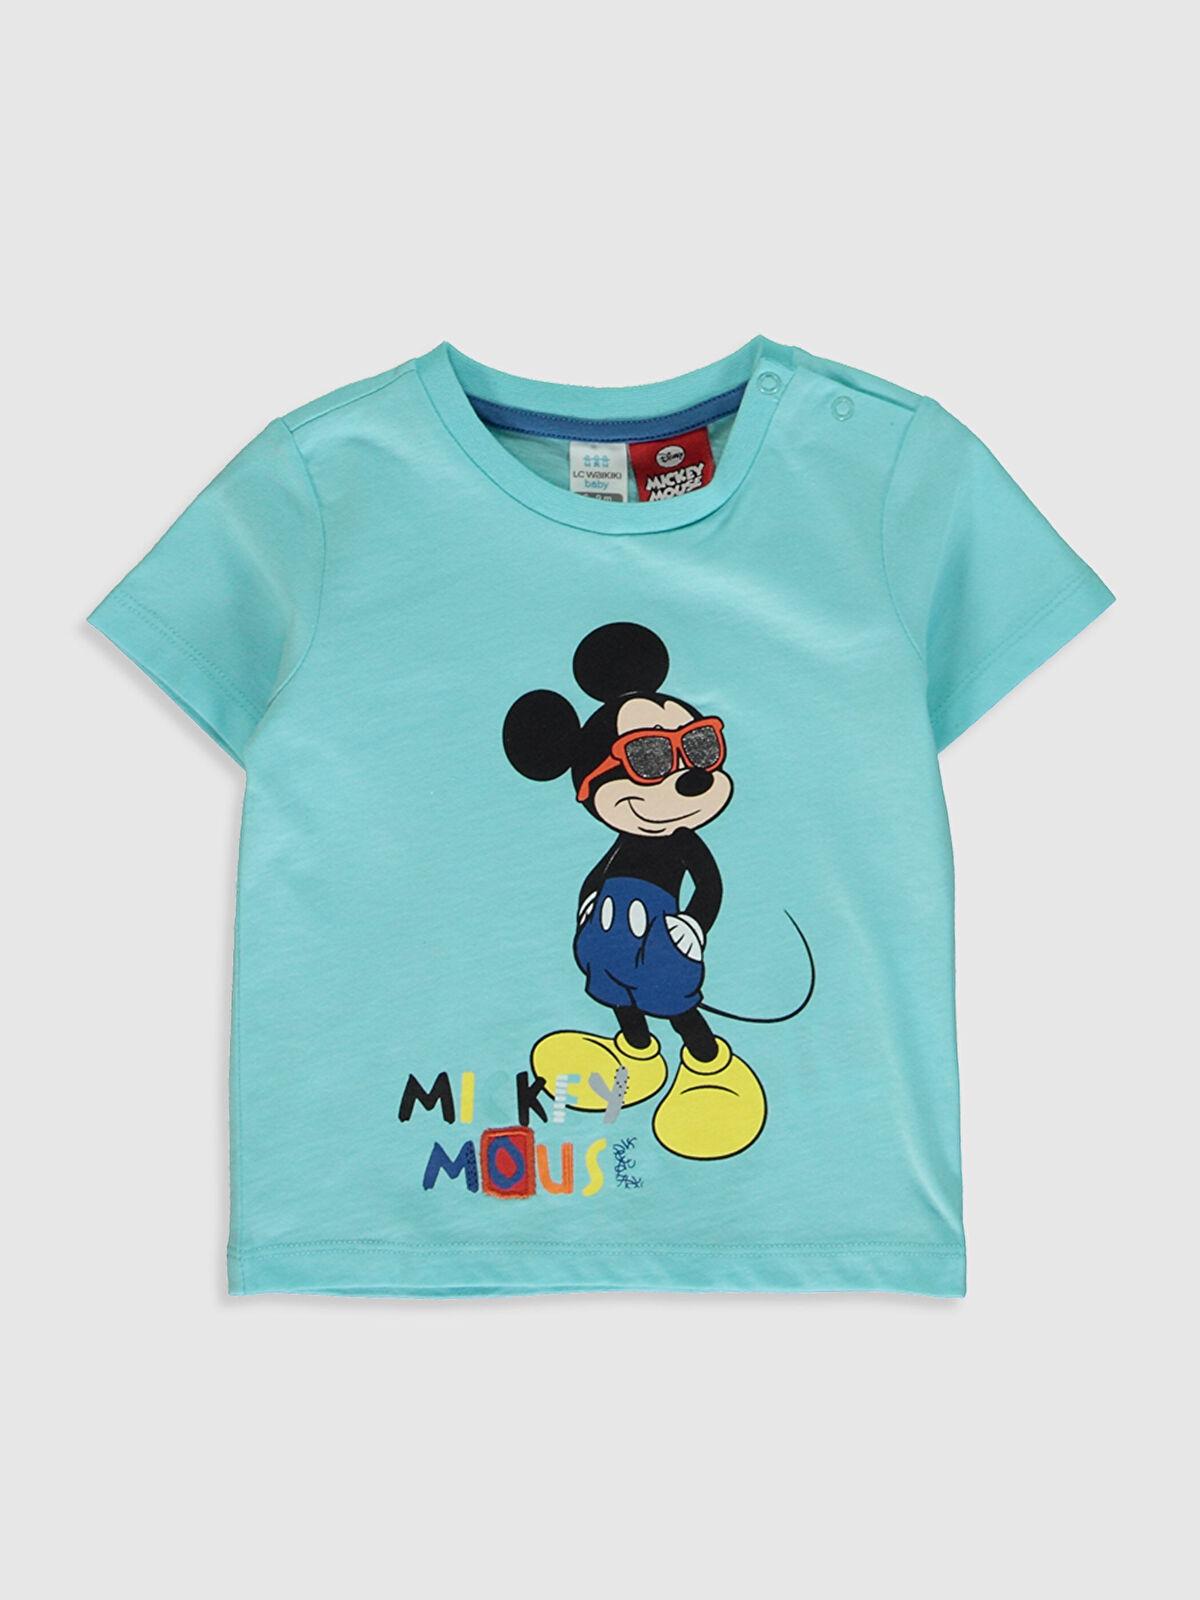 Erkek Bebek Mickey Mouse Baskılı Pamuklu Tişört - LC WAIKIKI